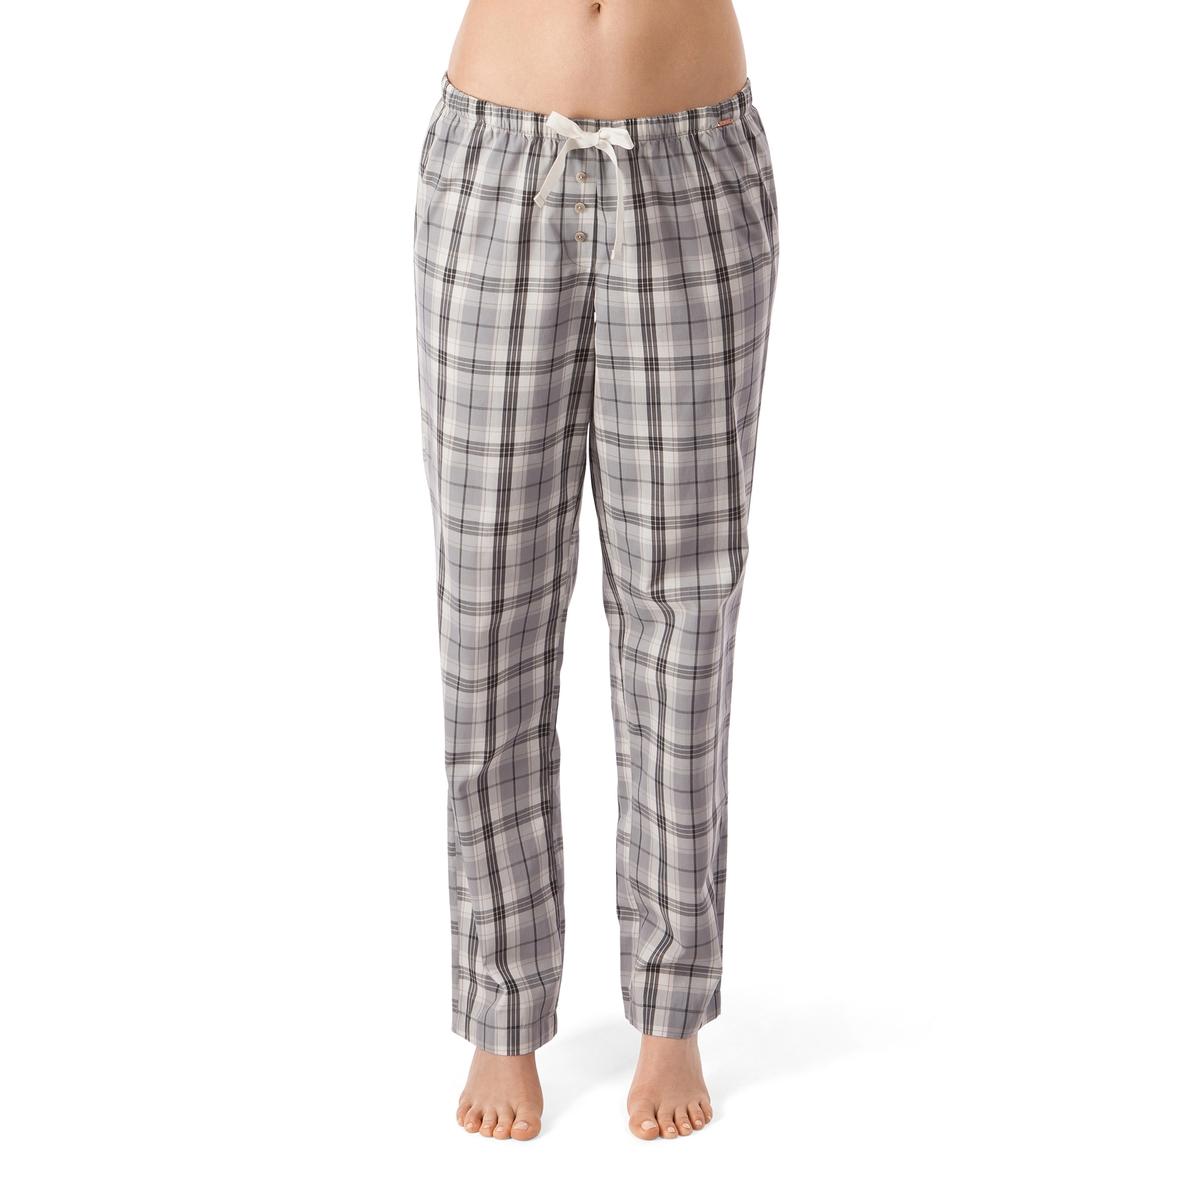 Брюки пижамные из хлопка, Sleep Dream пижамные комплекты